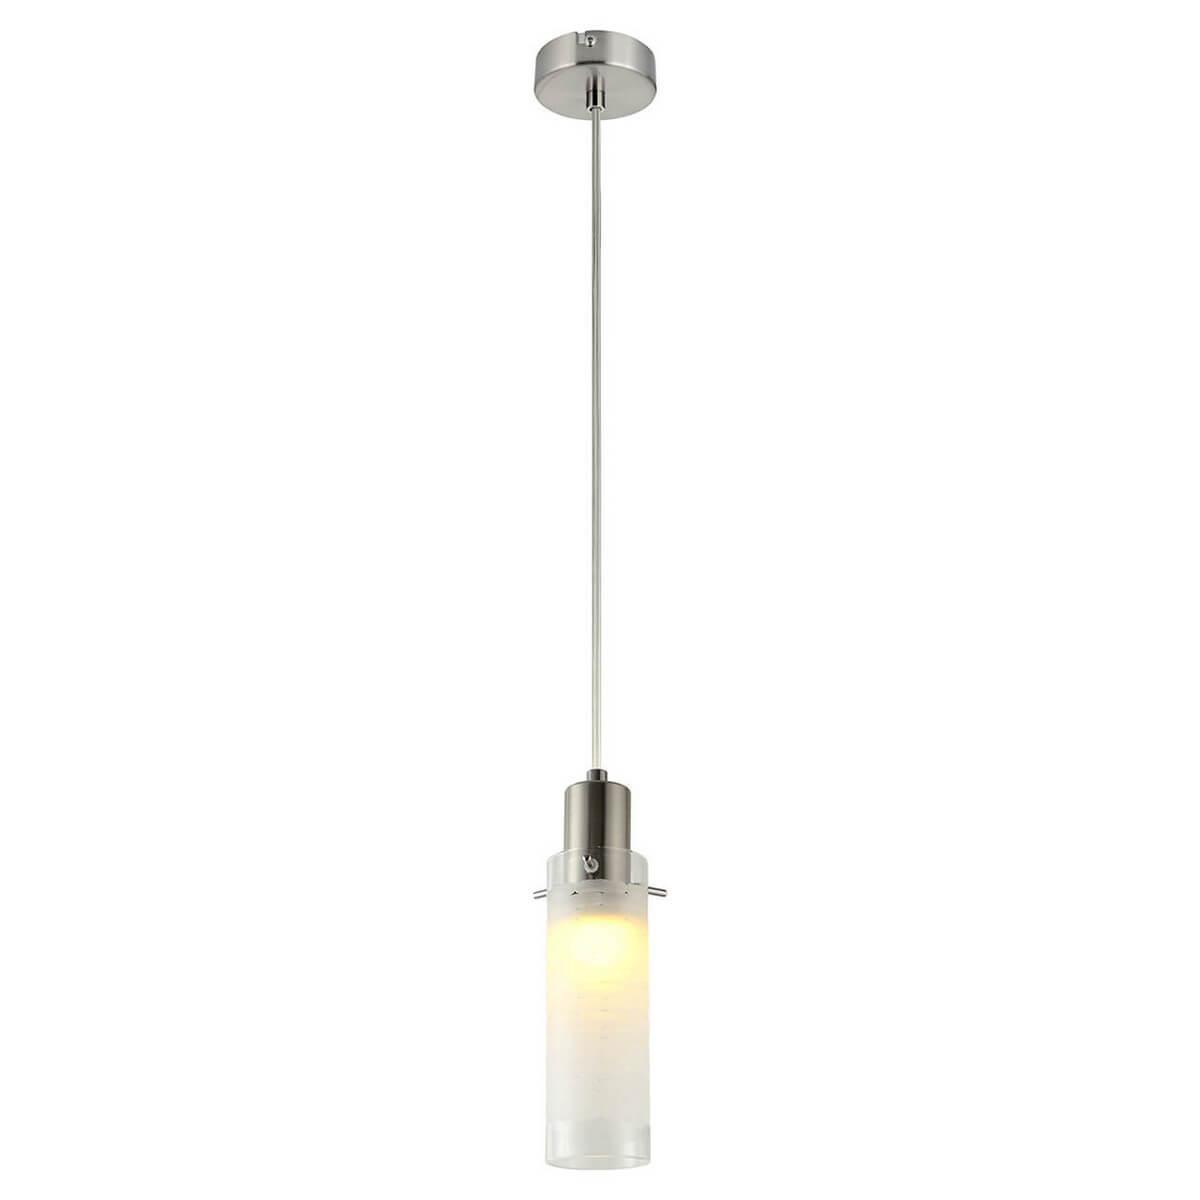 Подвесной светильник Lussole GRLSP-9982, E14, 6 Вт подвесной светильник lussole grlsp 9876 медь